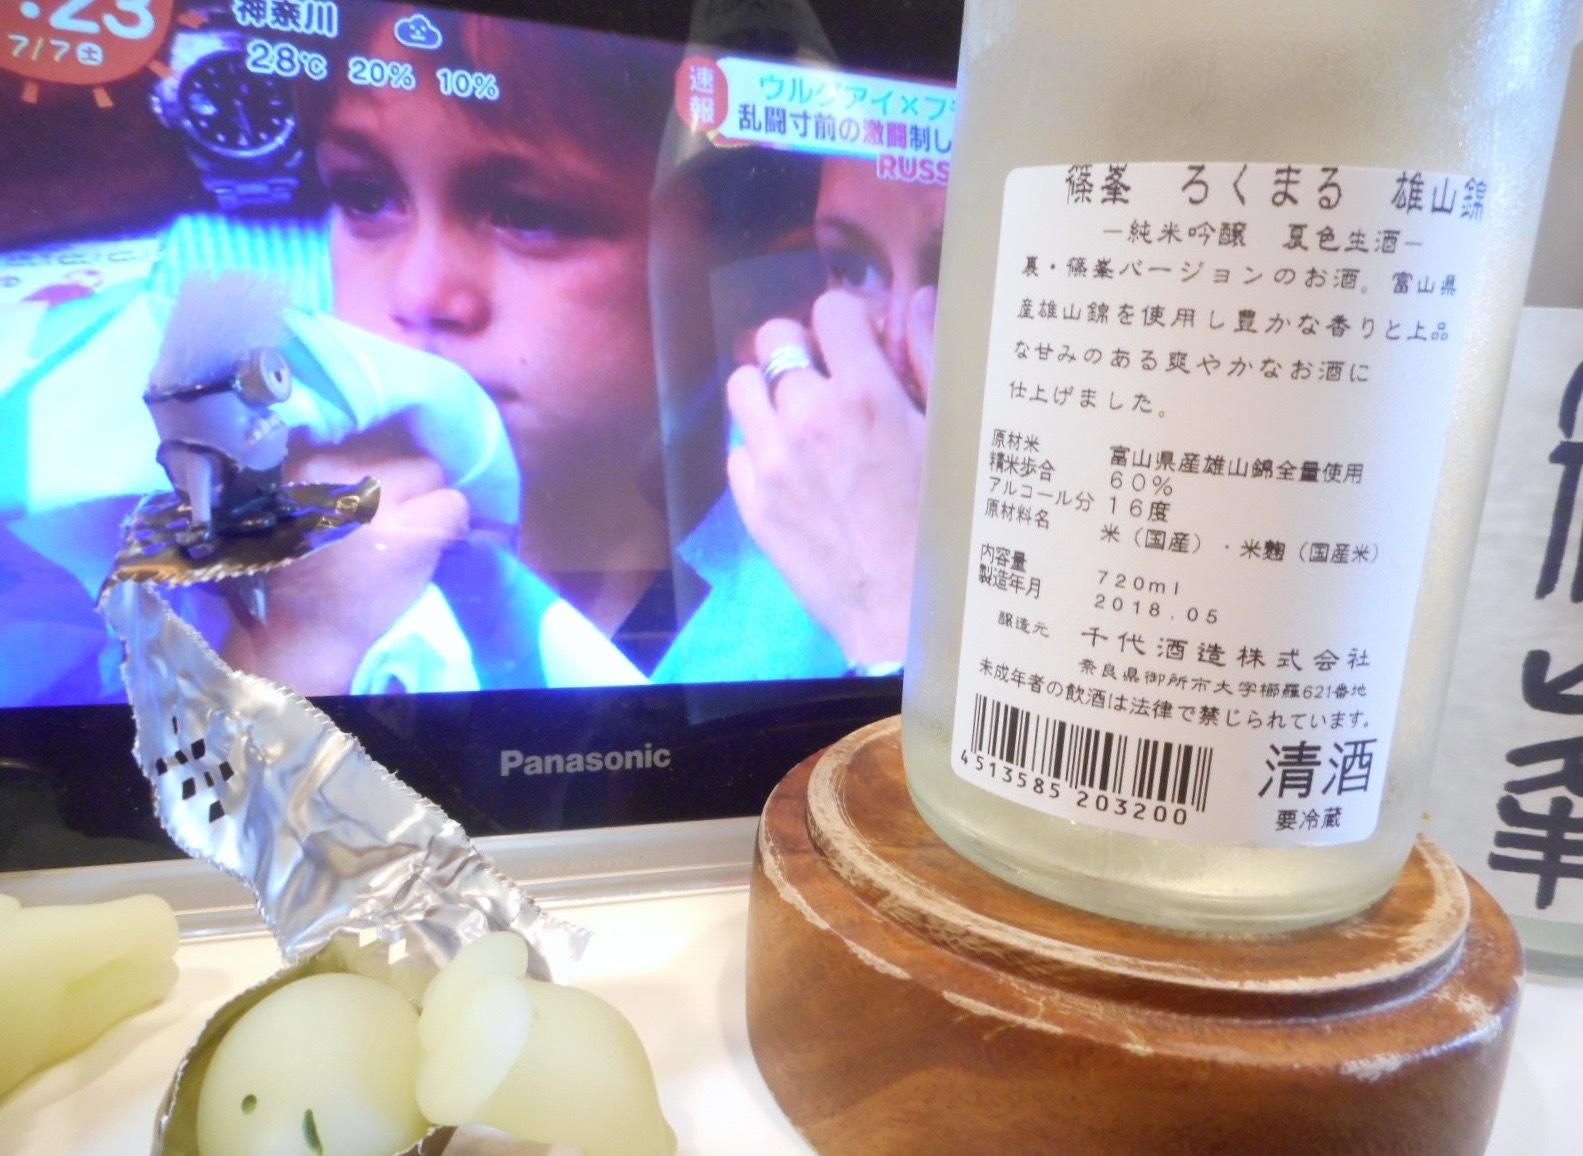 rokumaru_oyama夏色29by2